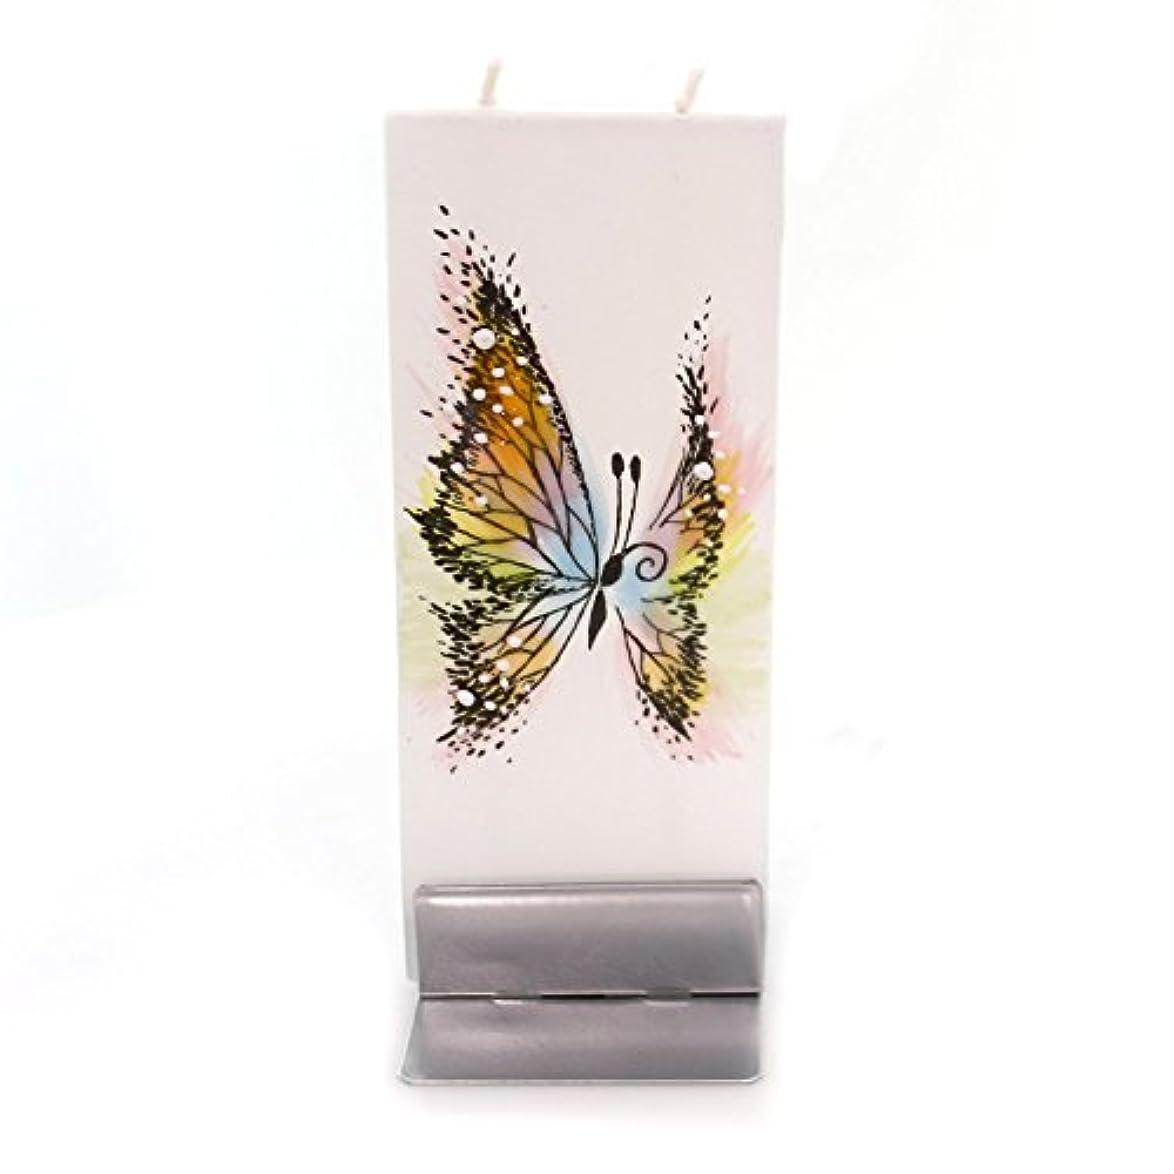 従う二とてもホームデコレーションバタフライCandleワックスDripless Fragrance Free f1712